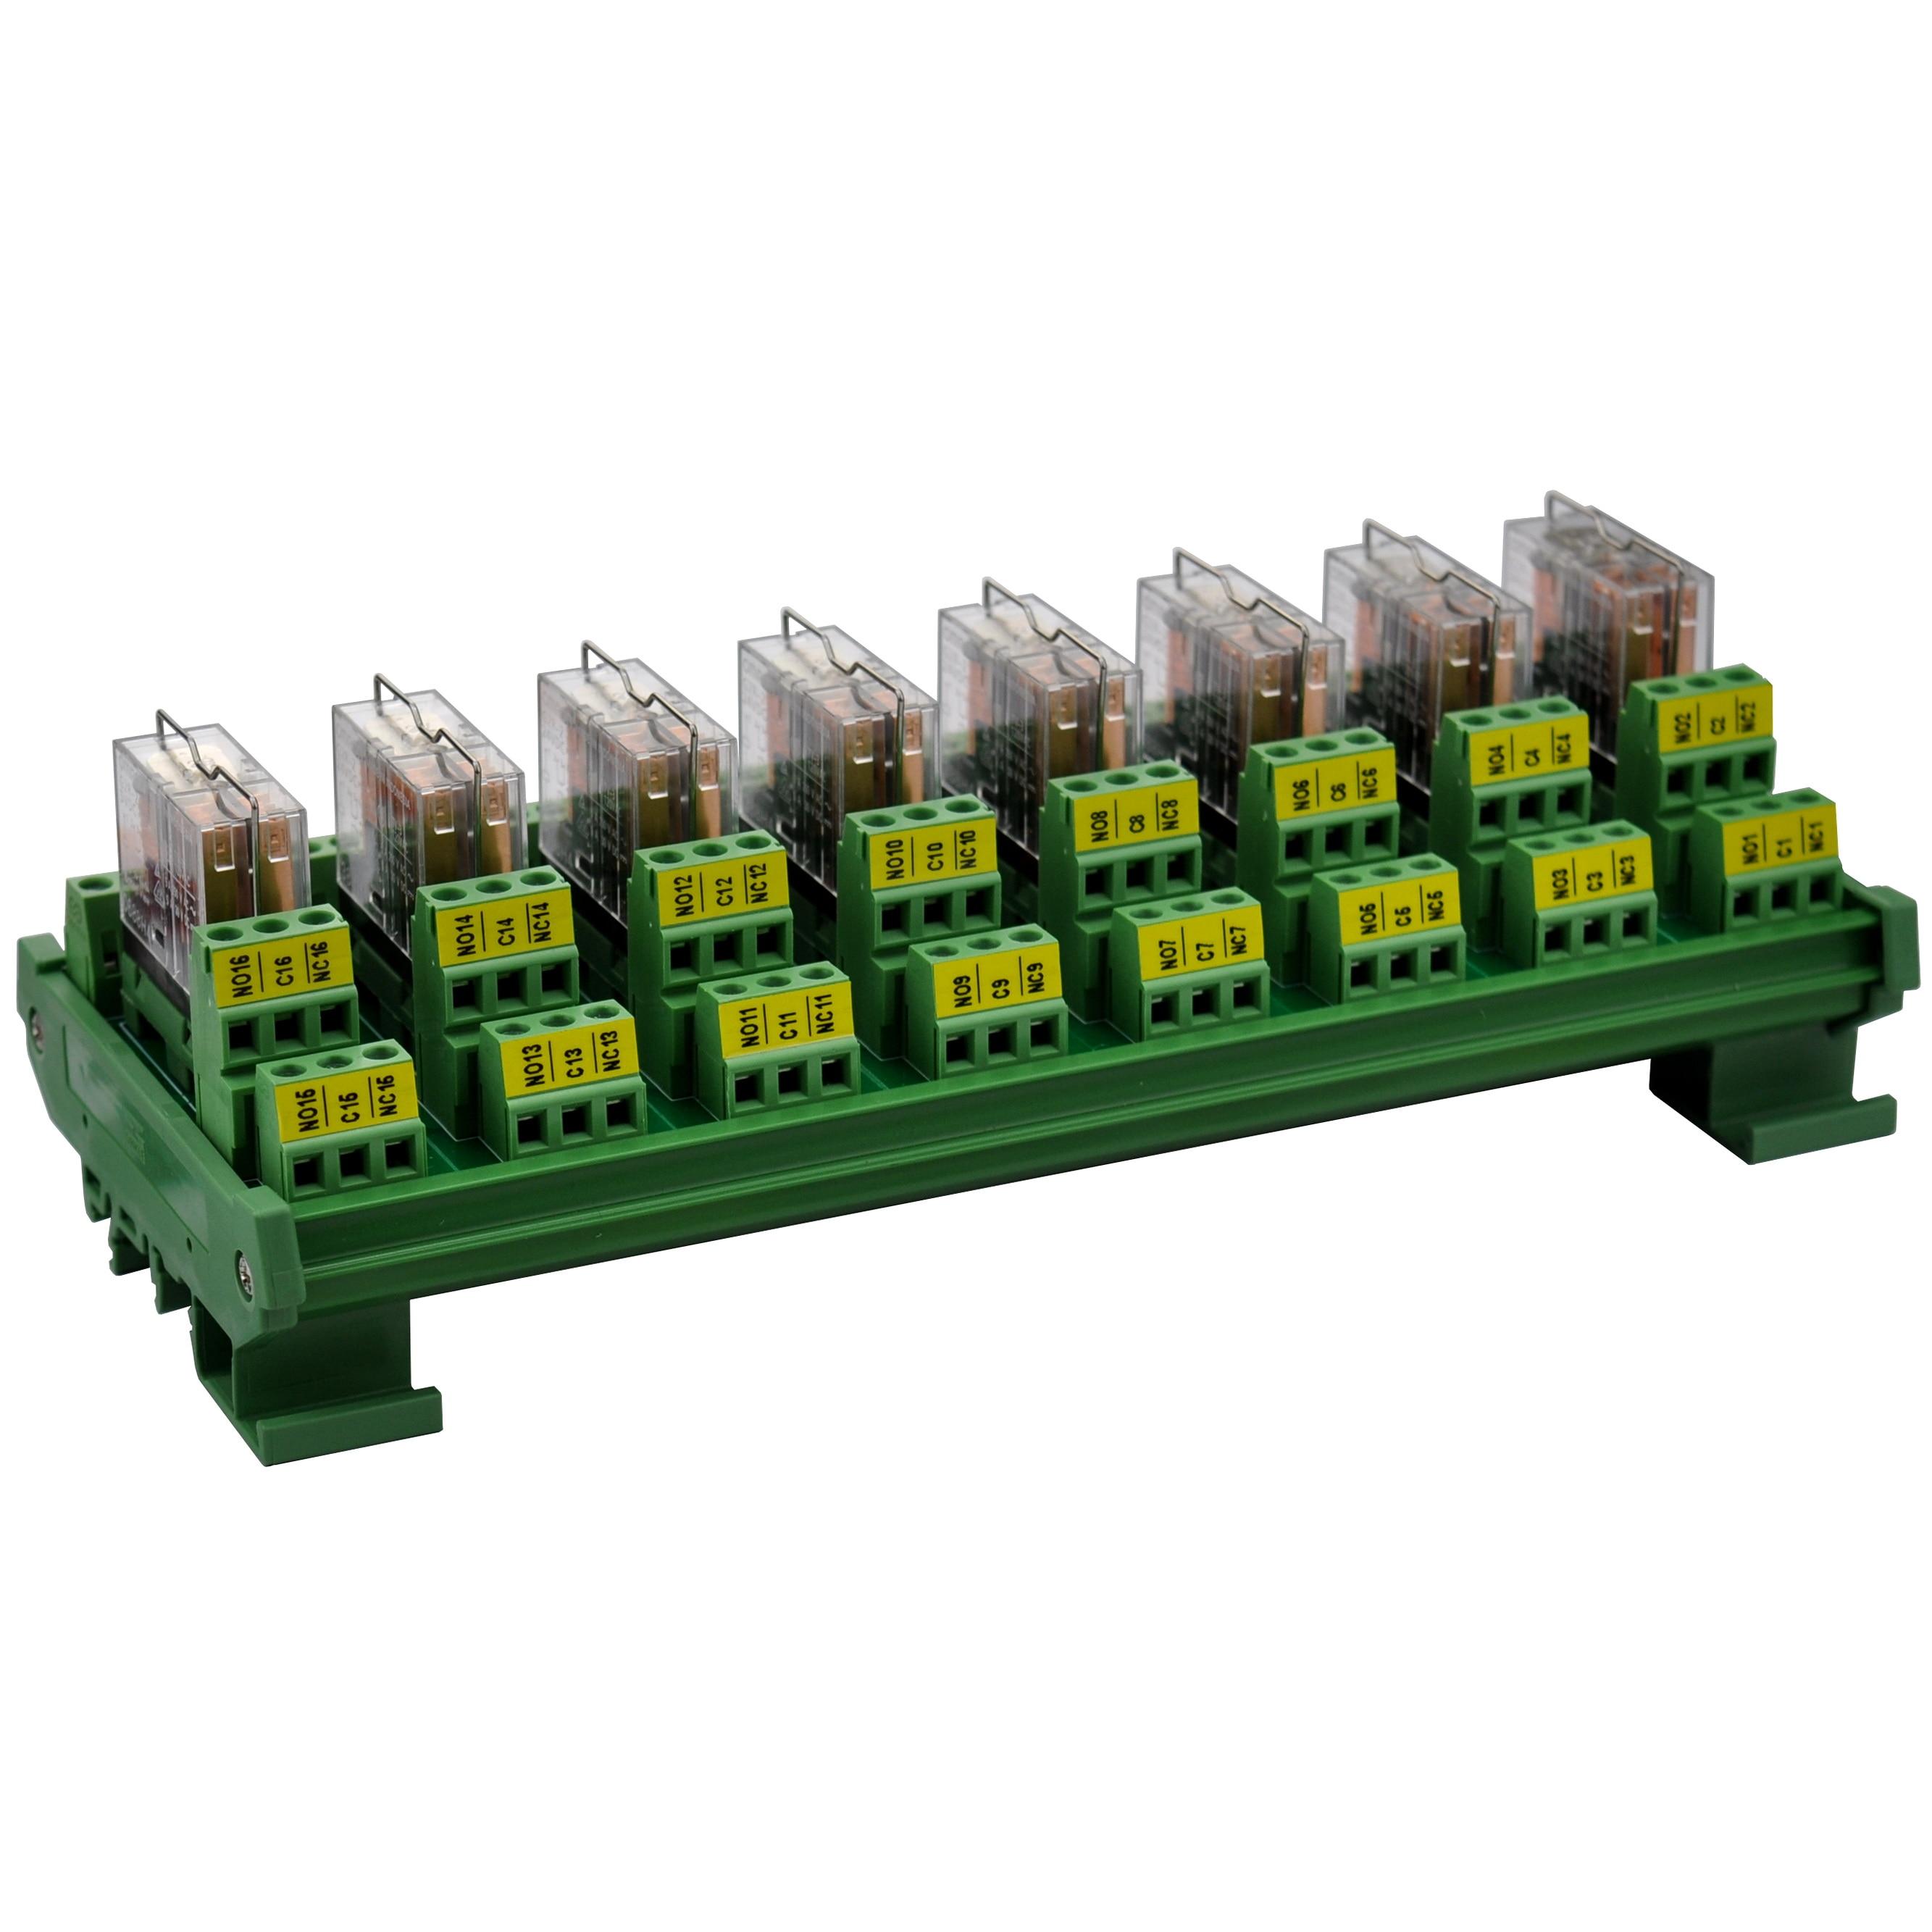 Электроника-салон DIN рейку крепление AC/DC 12V управления 8 DPDT 5Amp Подключаемый модуль интерфейса реле питания